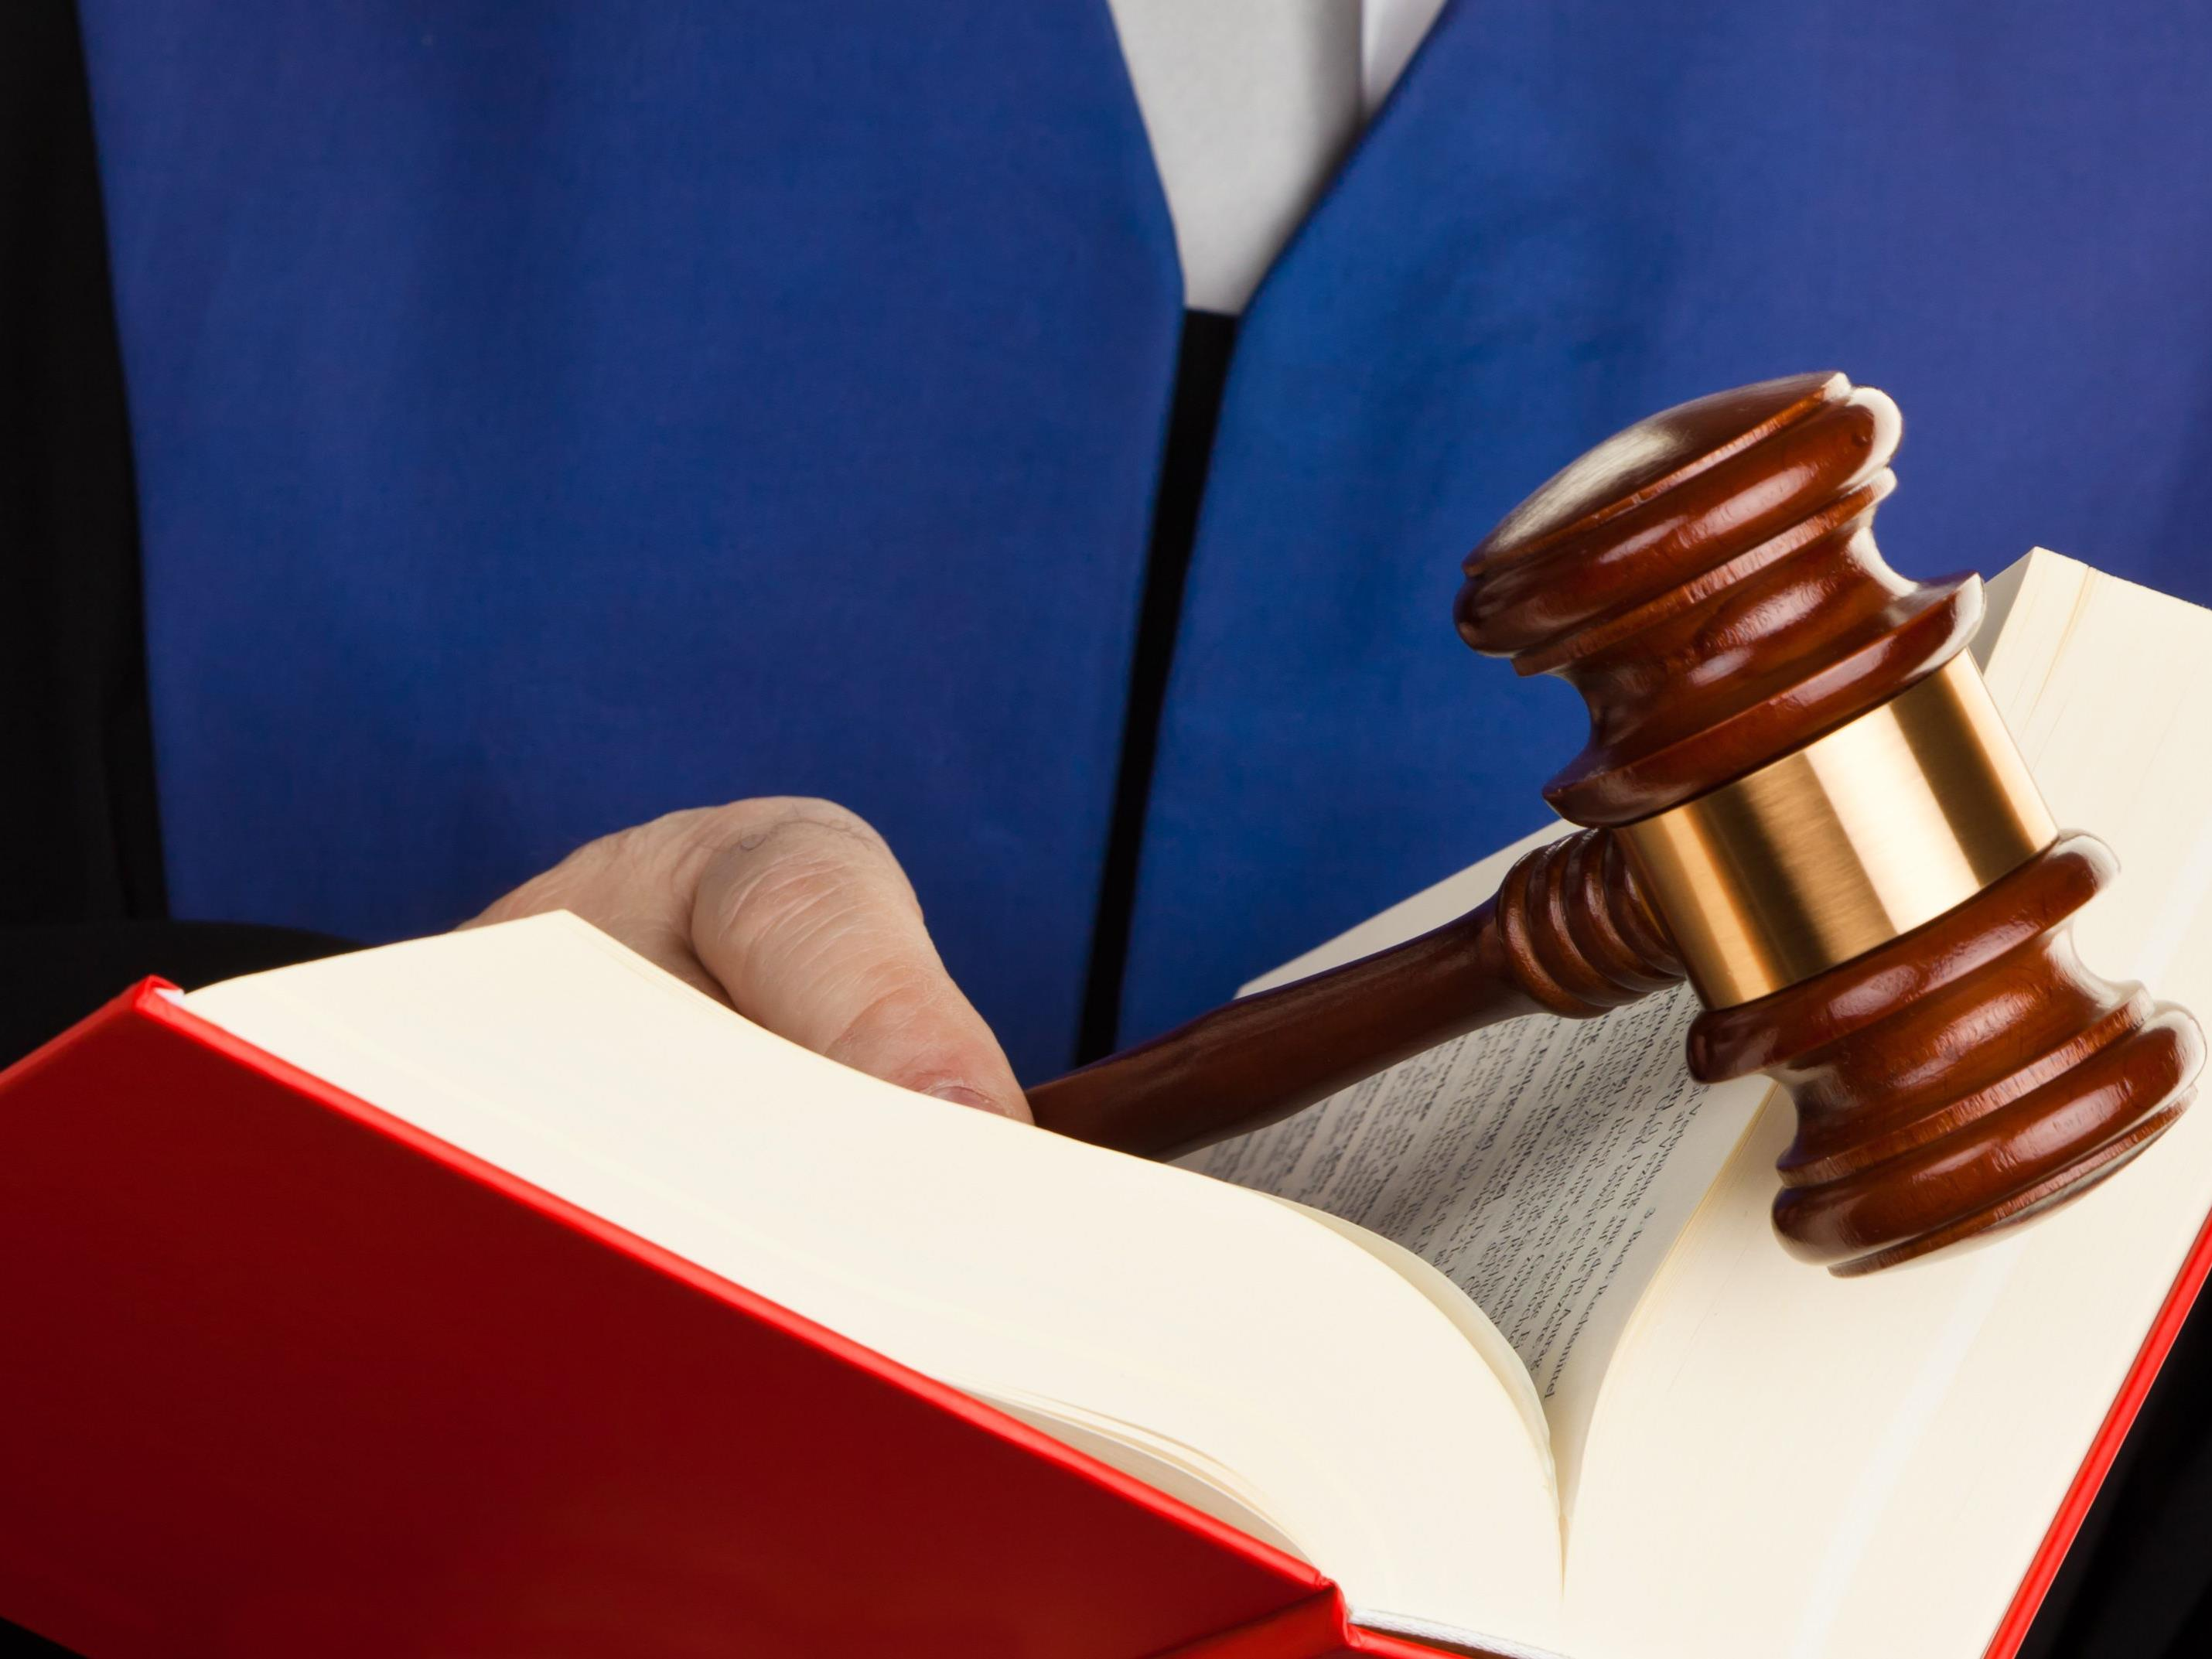 Geständnis zum Prozessauftakt - Frau wegen Totschlags angeklagt.